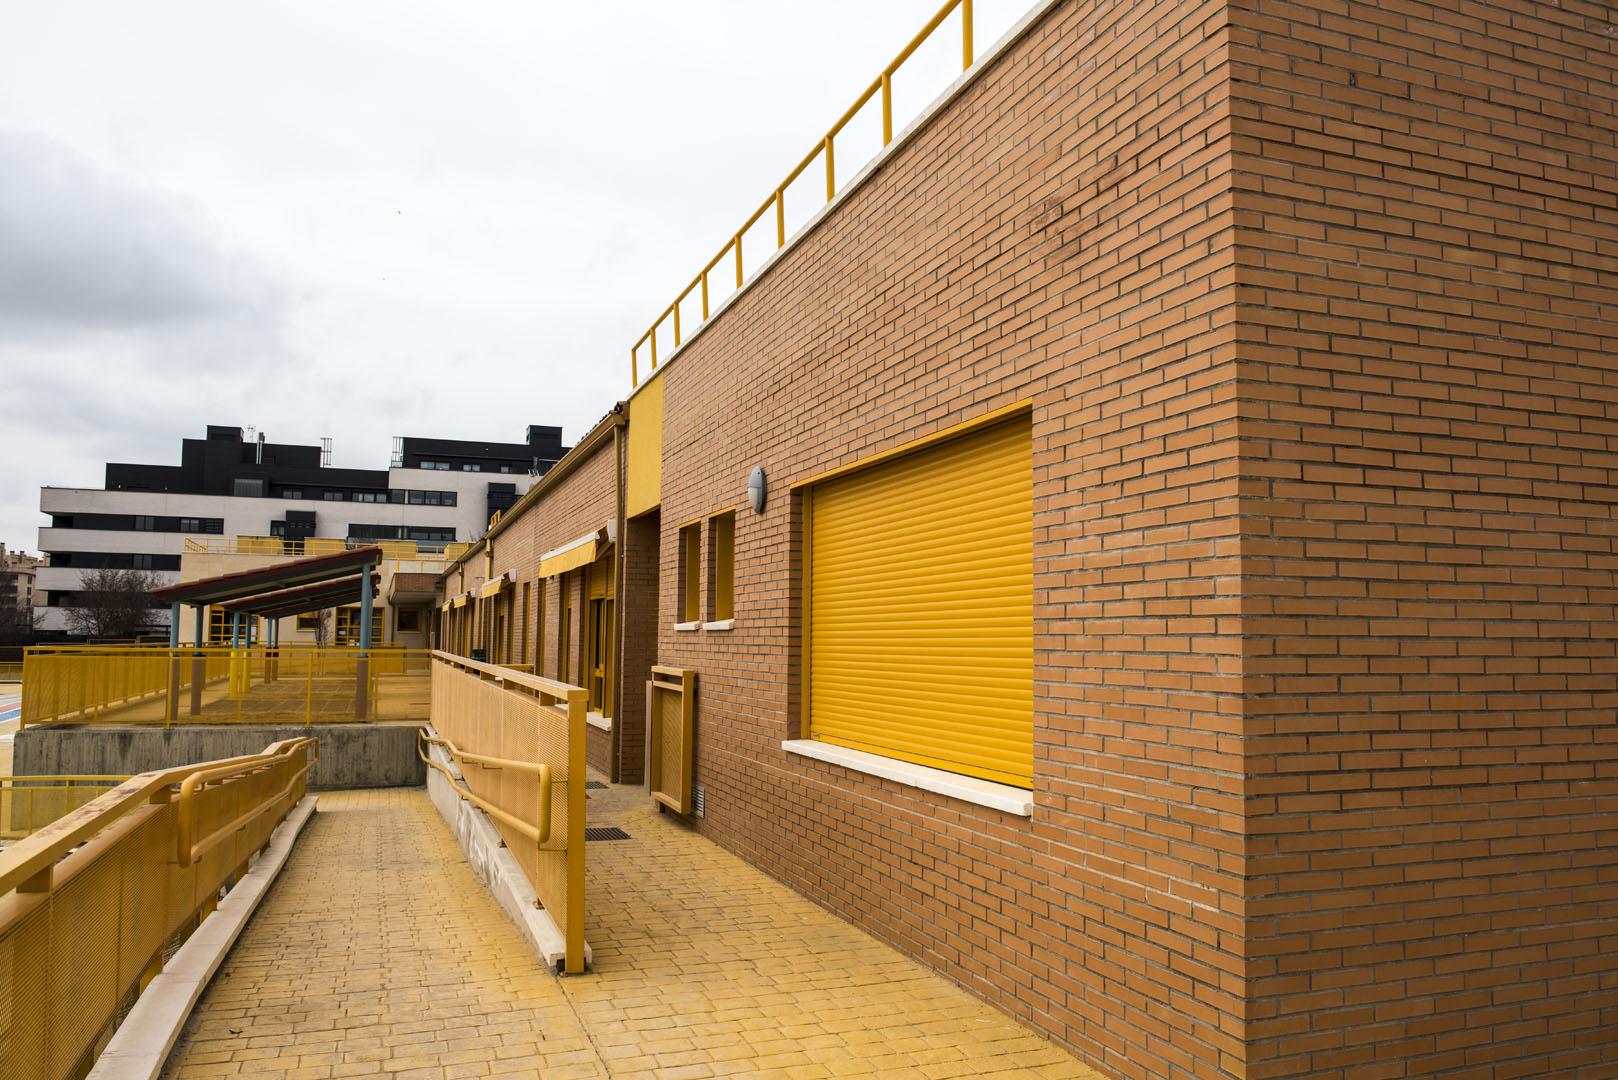 http://colegiotempranales.com/images/tempranales/centro/galeria/EdificioInfantil10.jpg